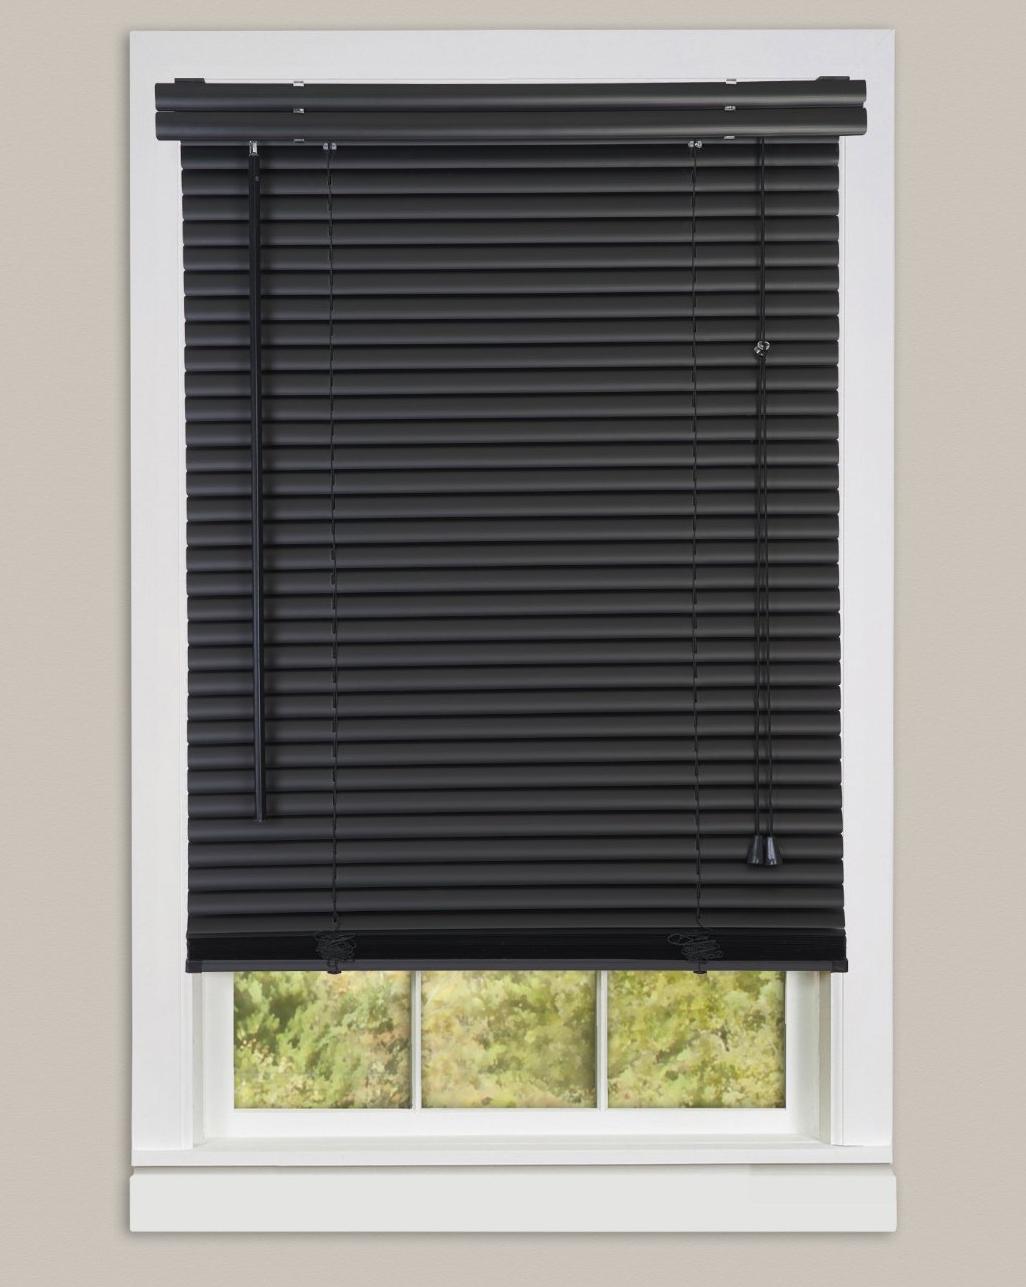 venetian blinds window blinds mini blinds 1 RUBDLHB